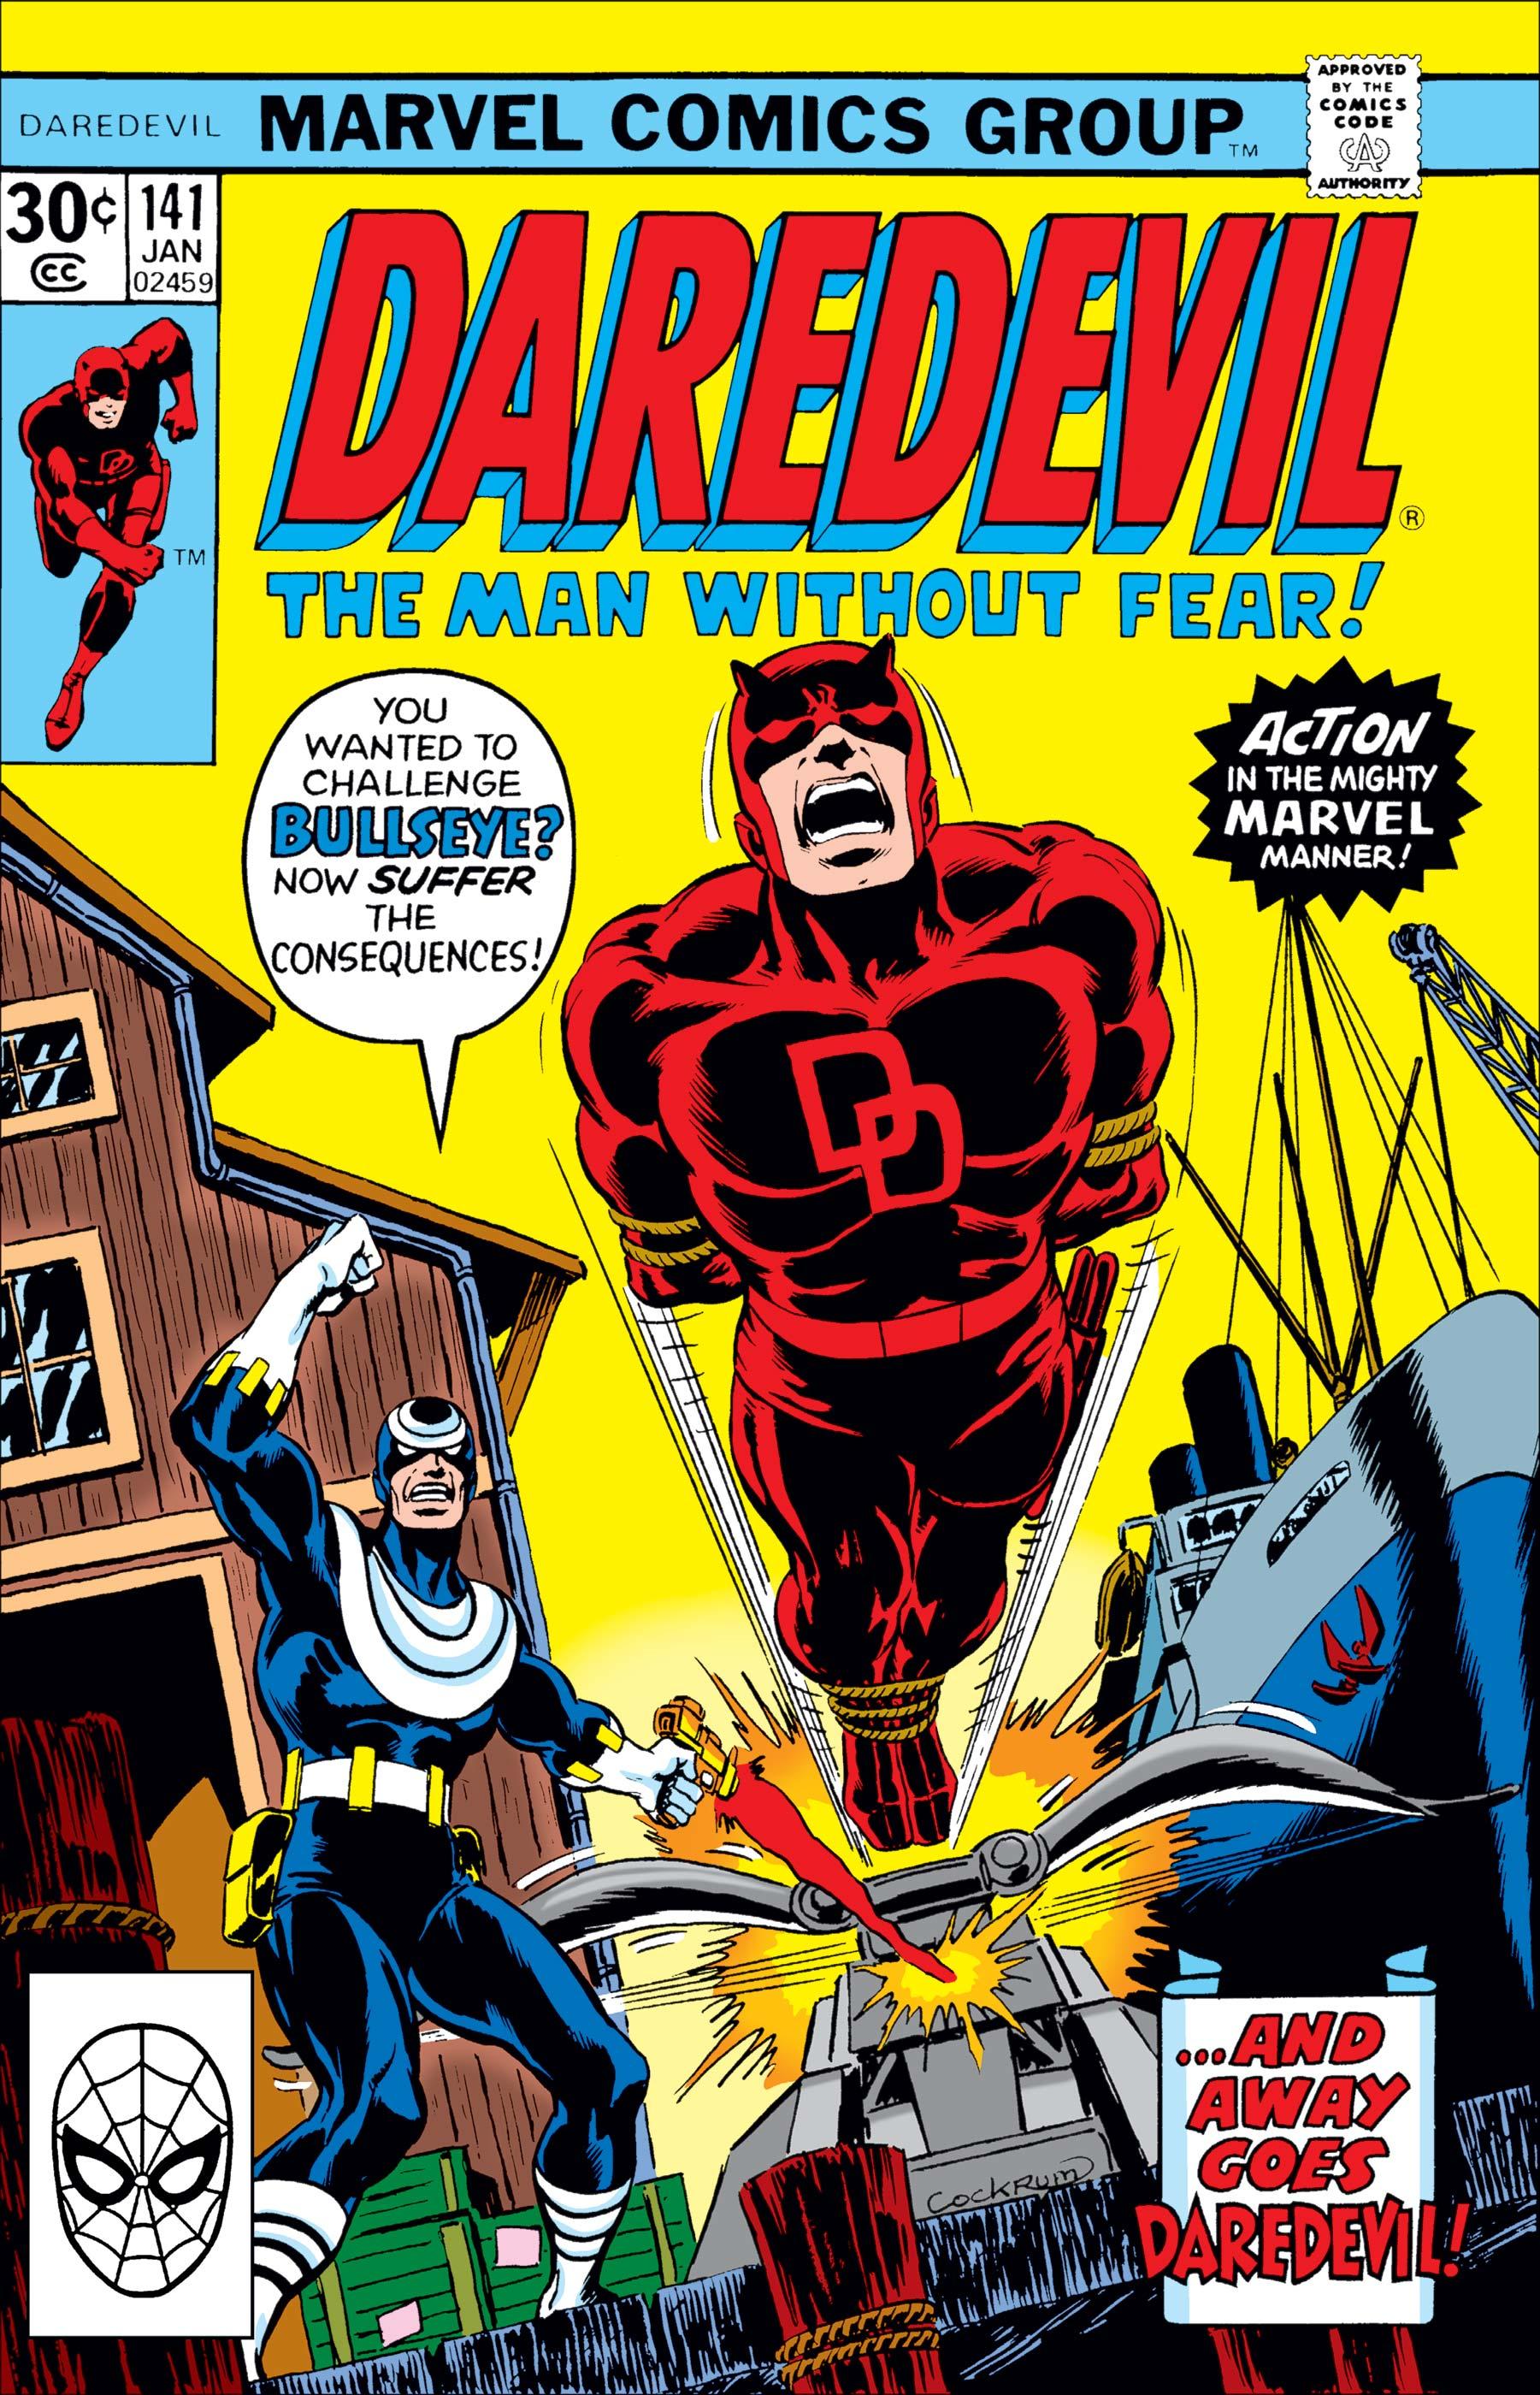 Daredevil (1964) #141